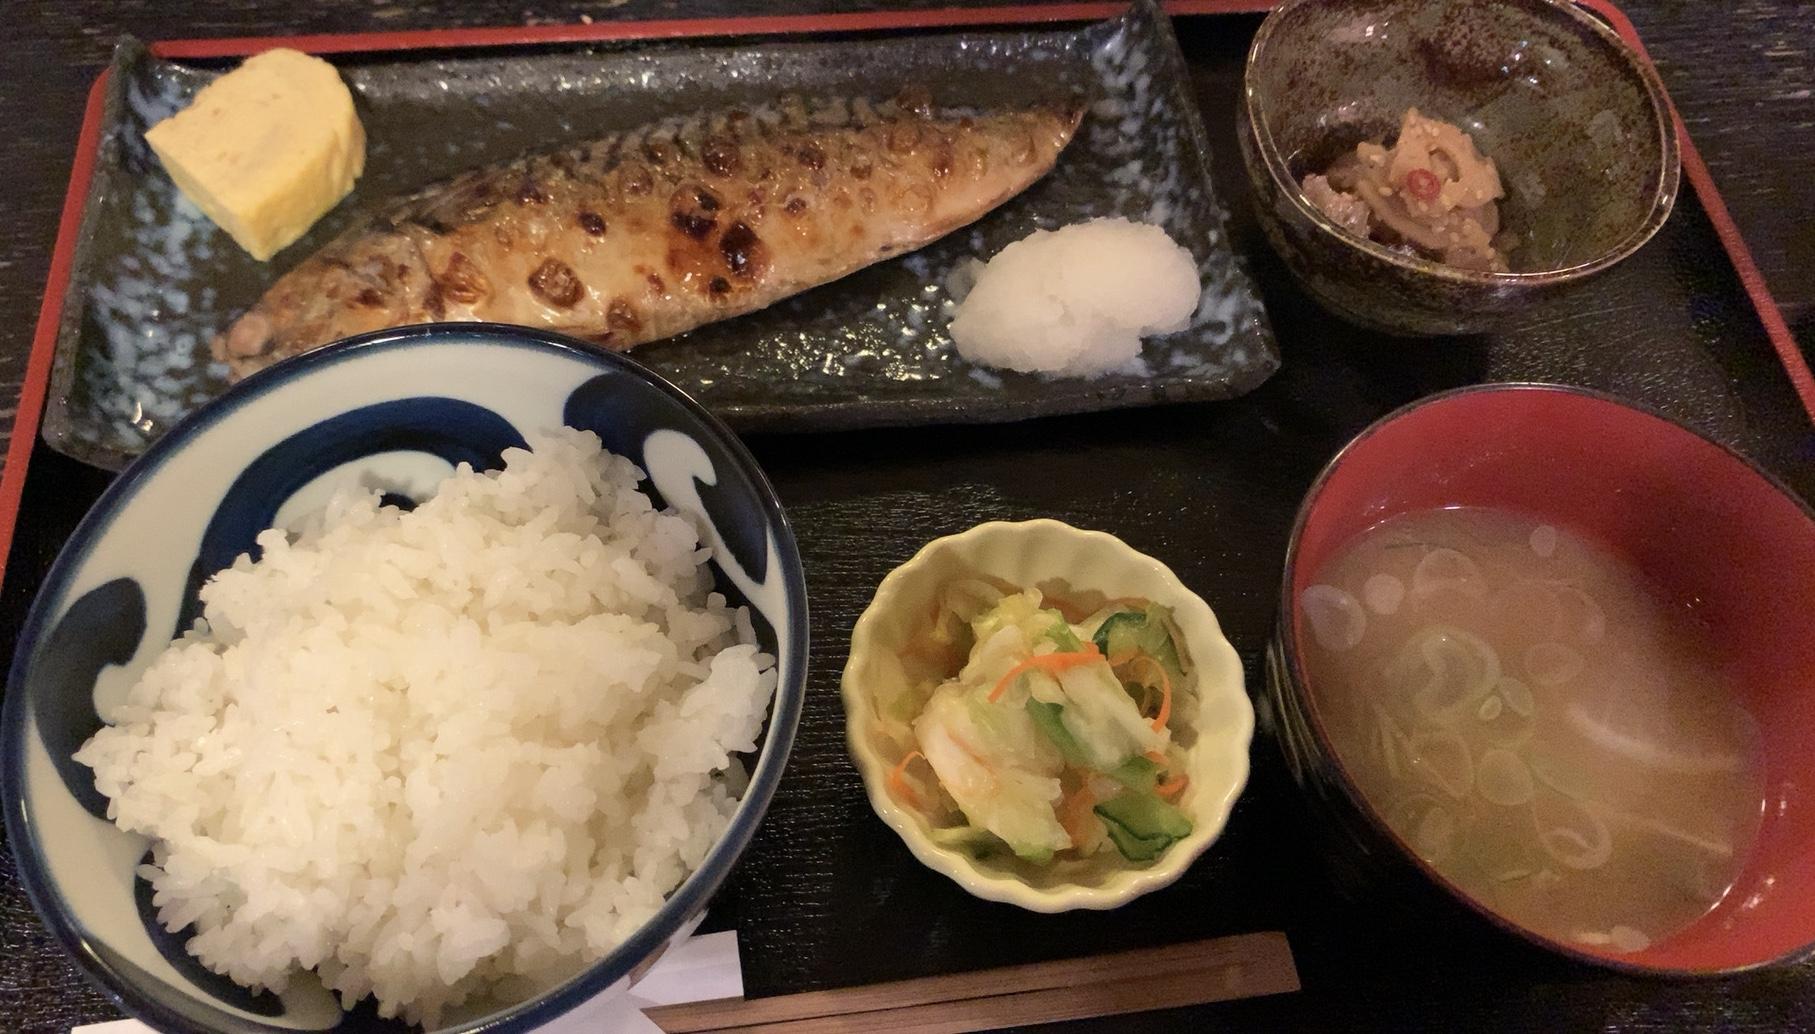 札幌・中央区 定食屋 亘